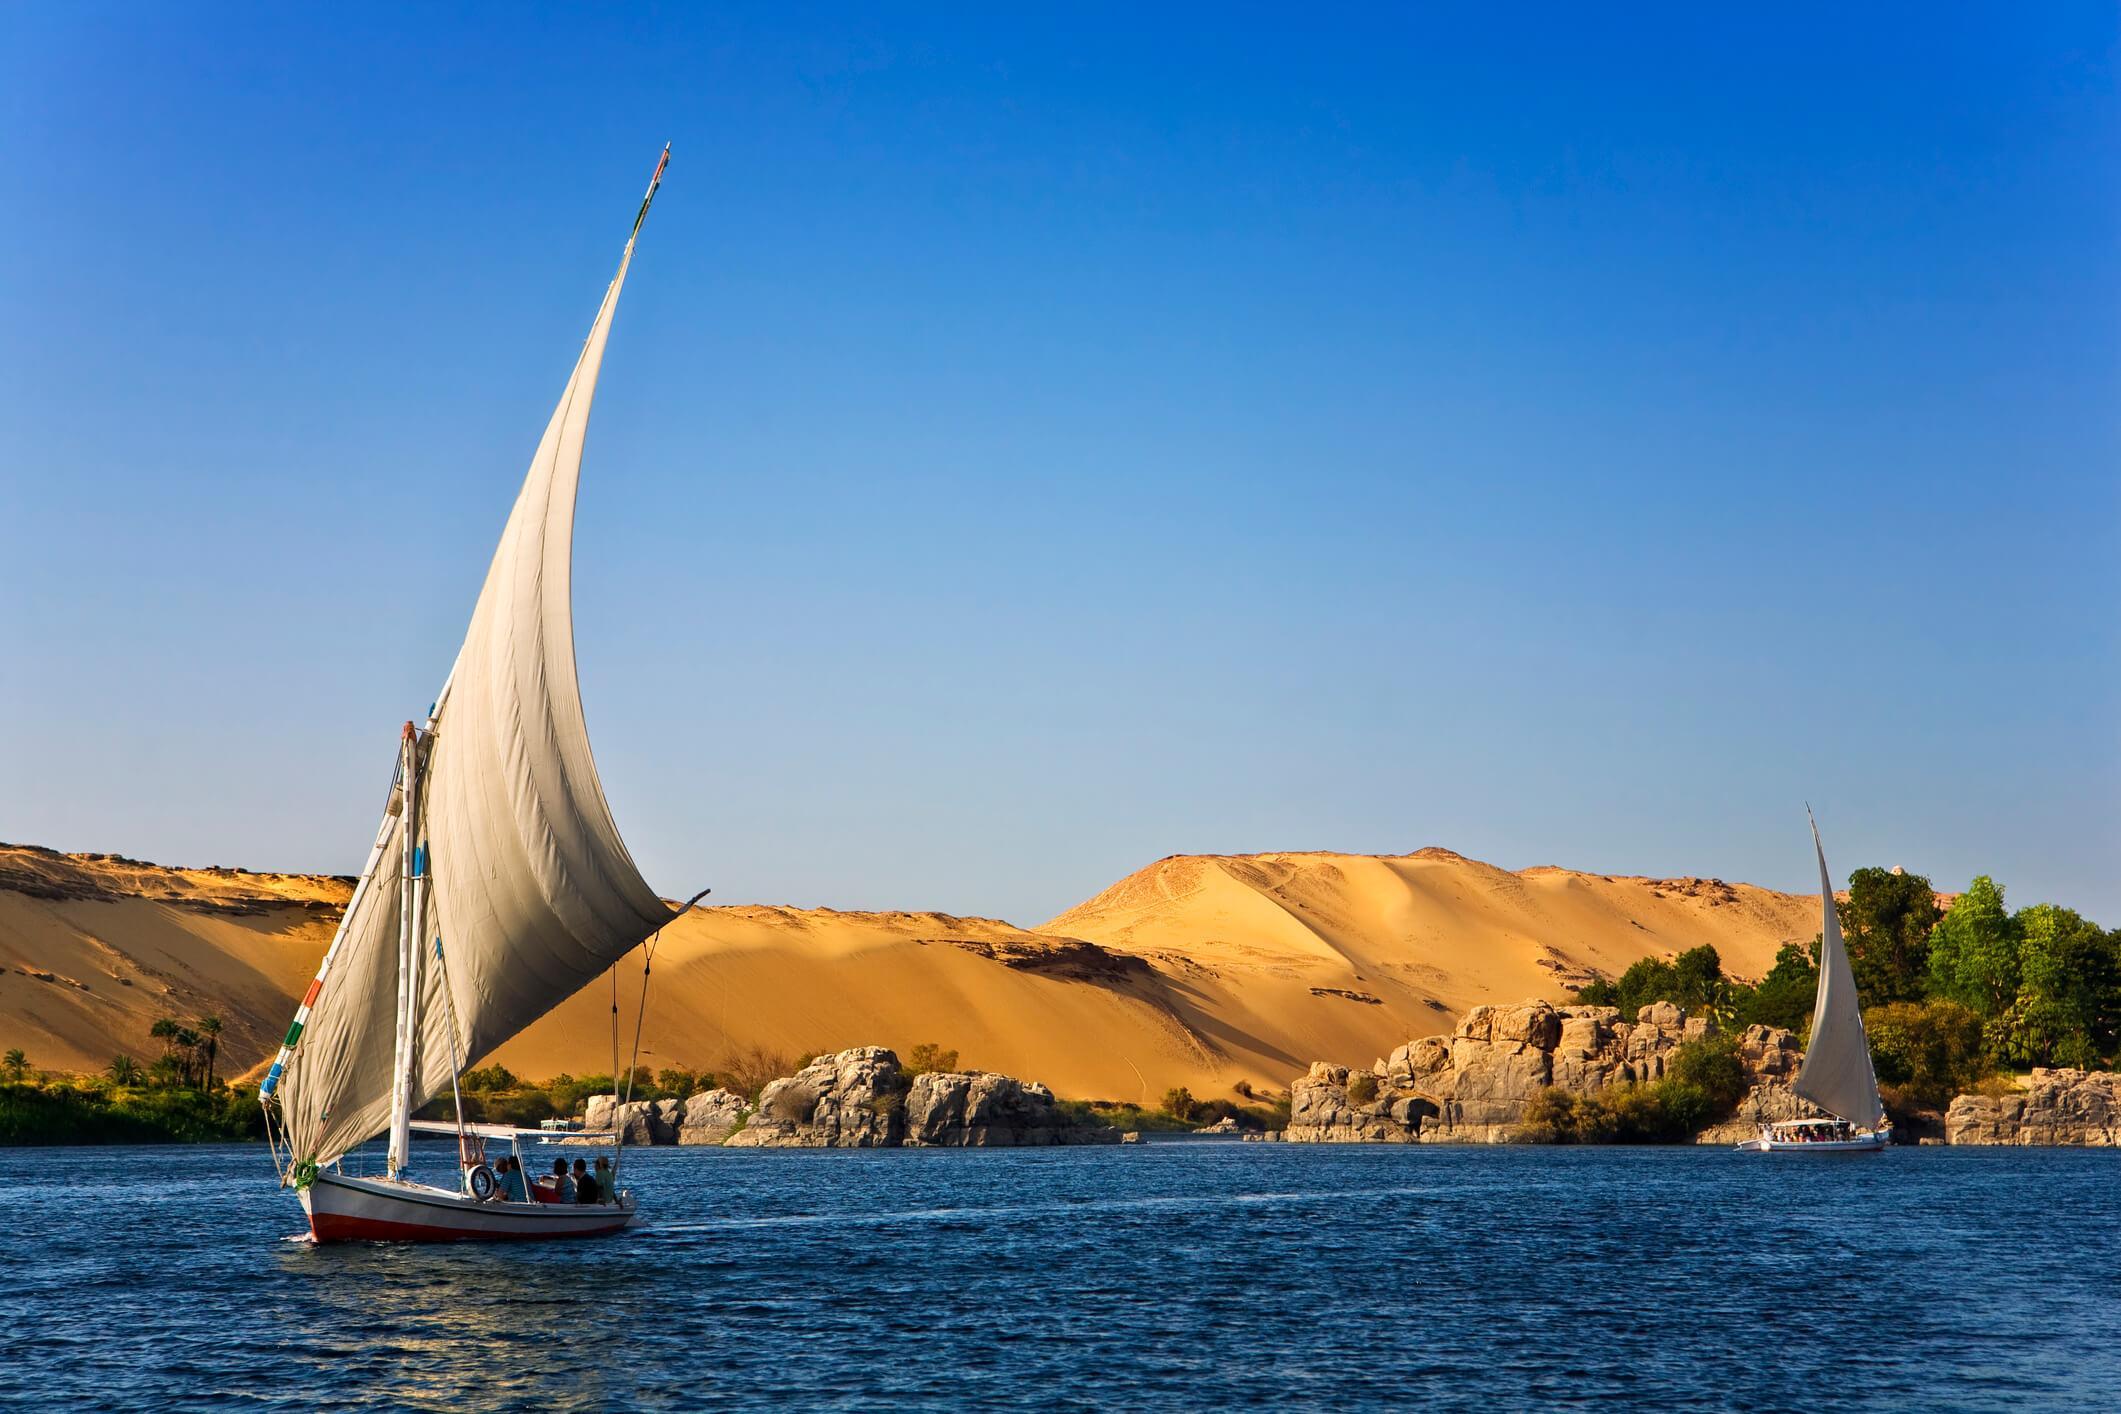 Vacaciones en Egipto Portada 2 baja